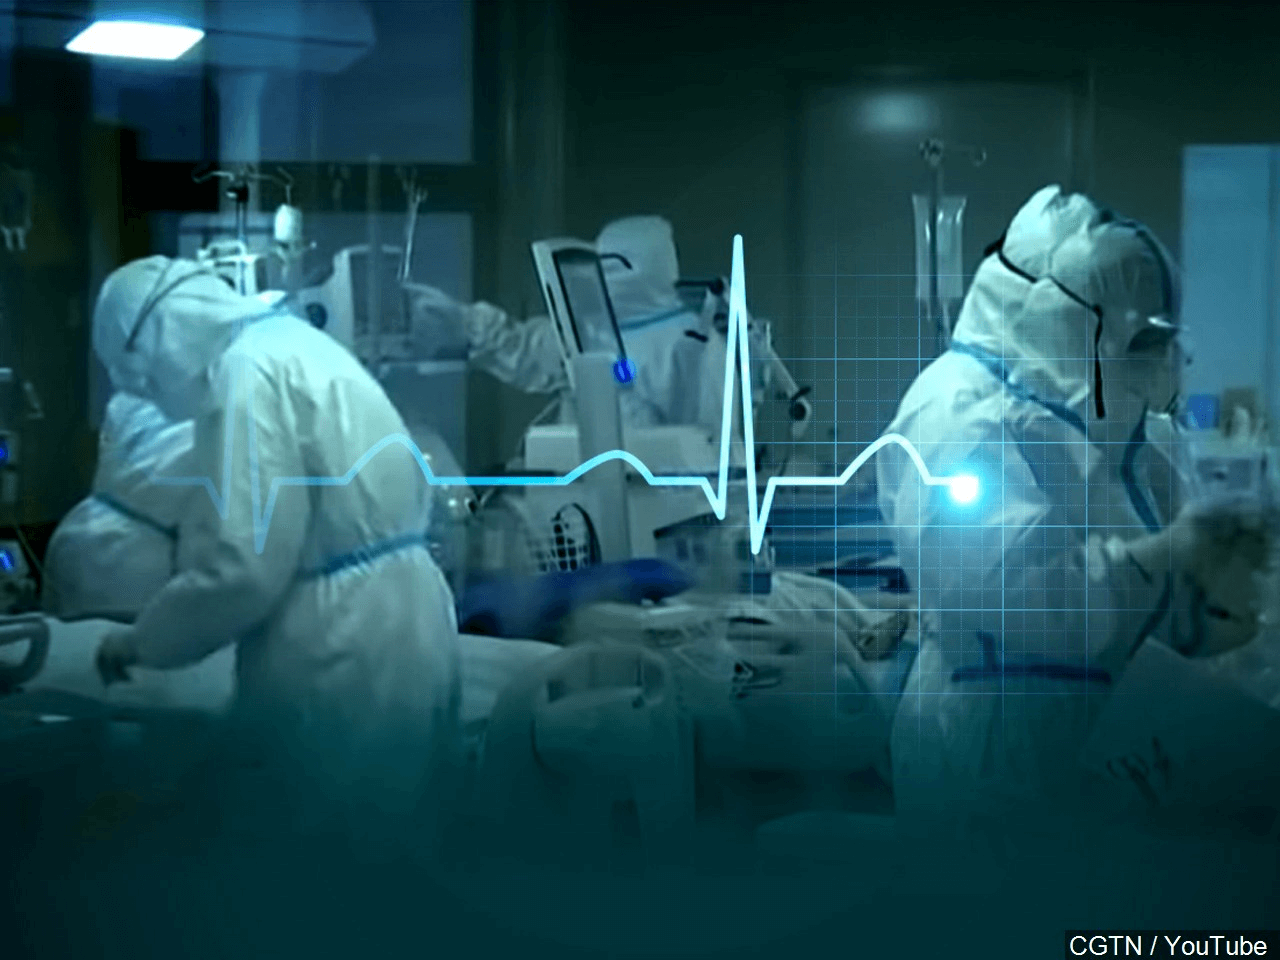 Etil Alkol, Tıbbi Maske ve Solunum Cihazlarındaki Gümrük Vergileri Kaldırıldı